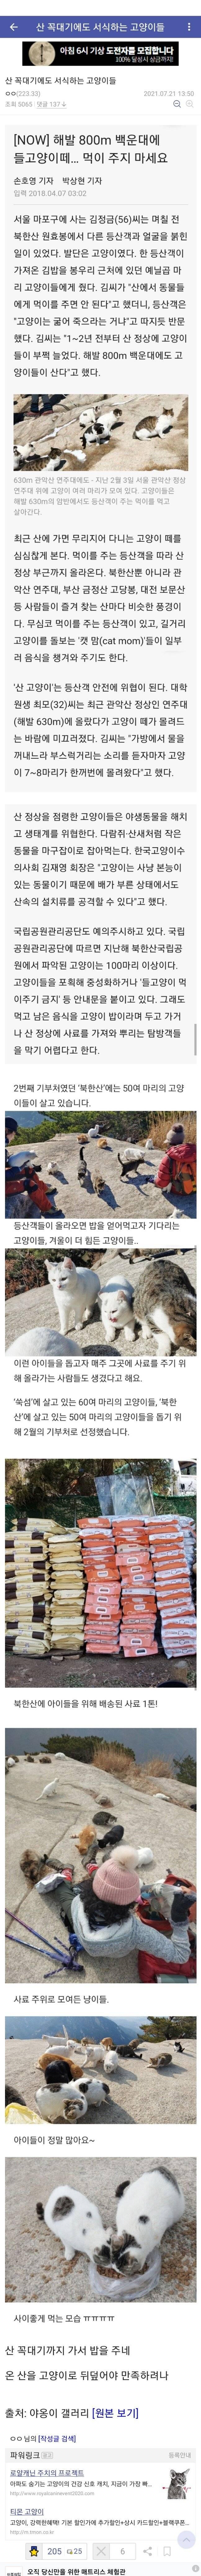 산 꼭대기에도 서식하는 고양이들.jpg